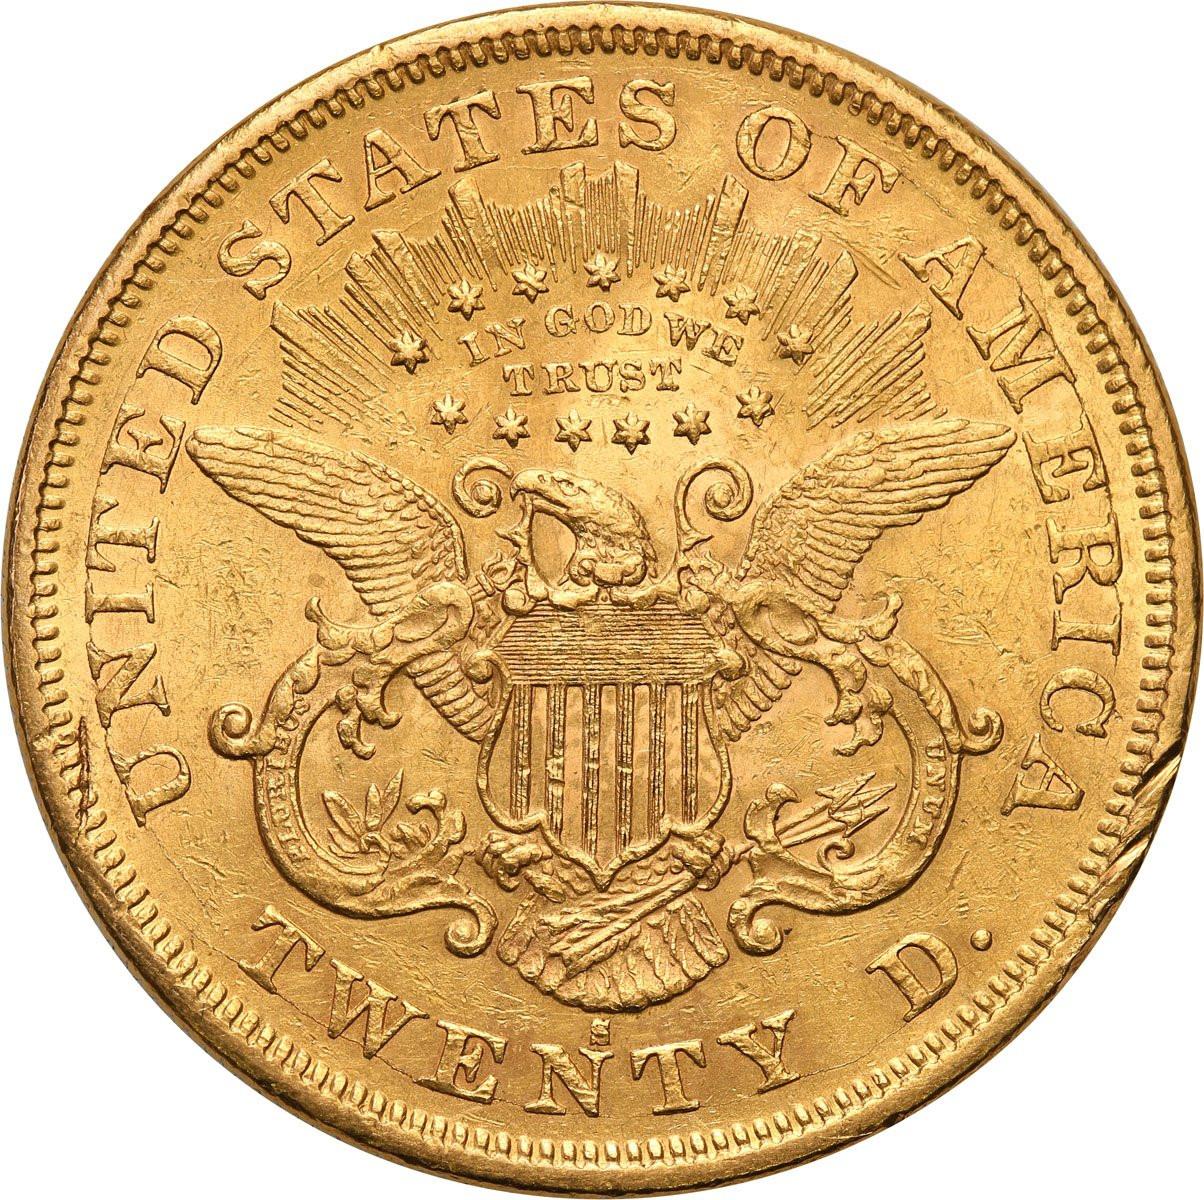 USA 20 $ dolarów 1875 S - San Francisco